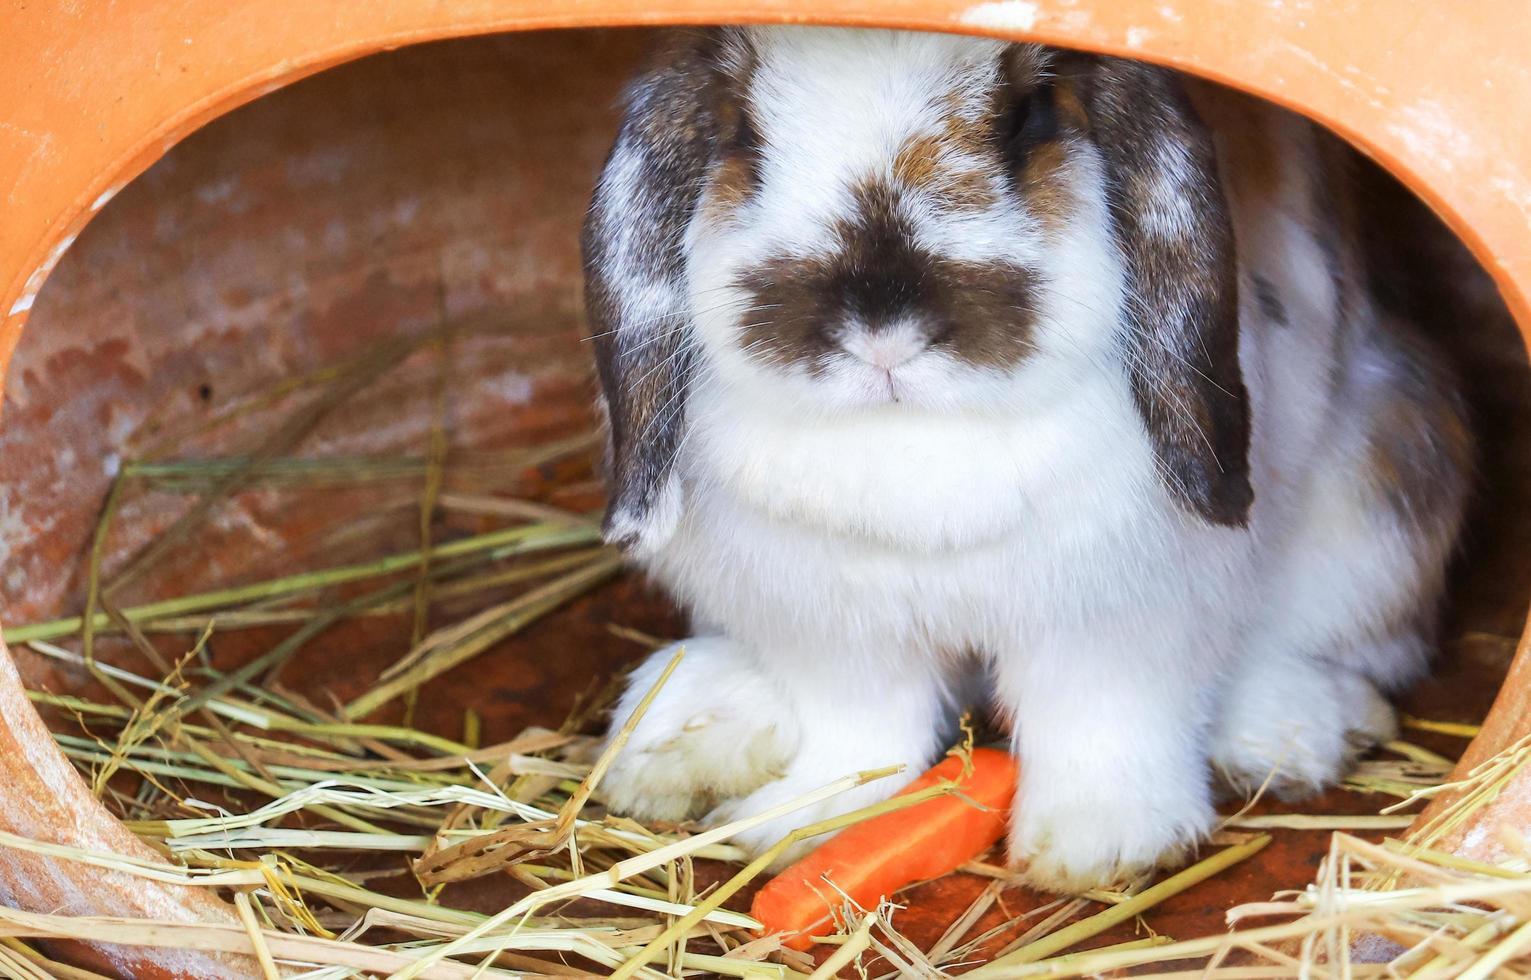 süßes weißes Kaninchen auf dem Gras oder Stroh foto